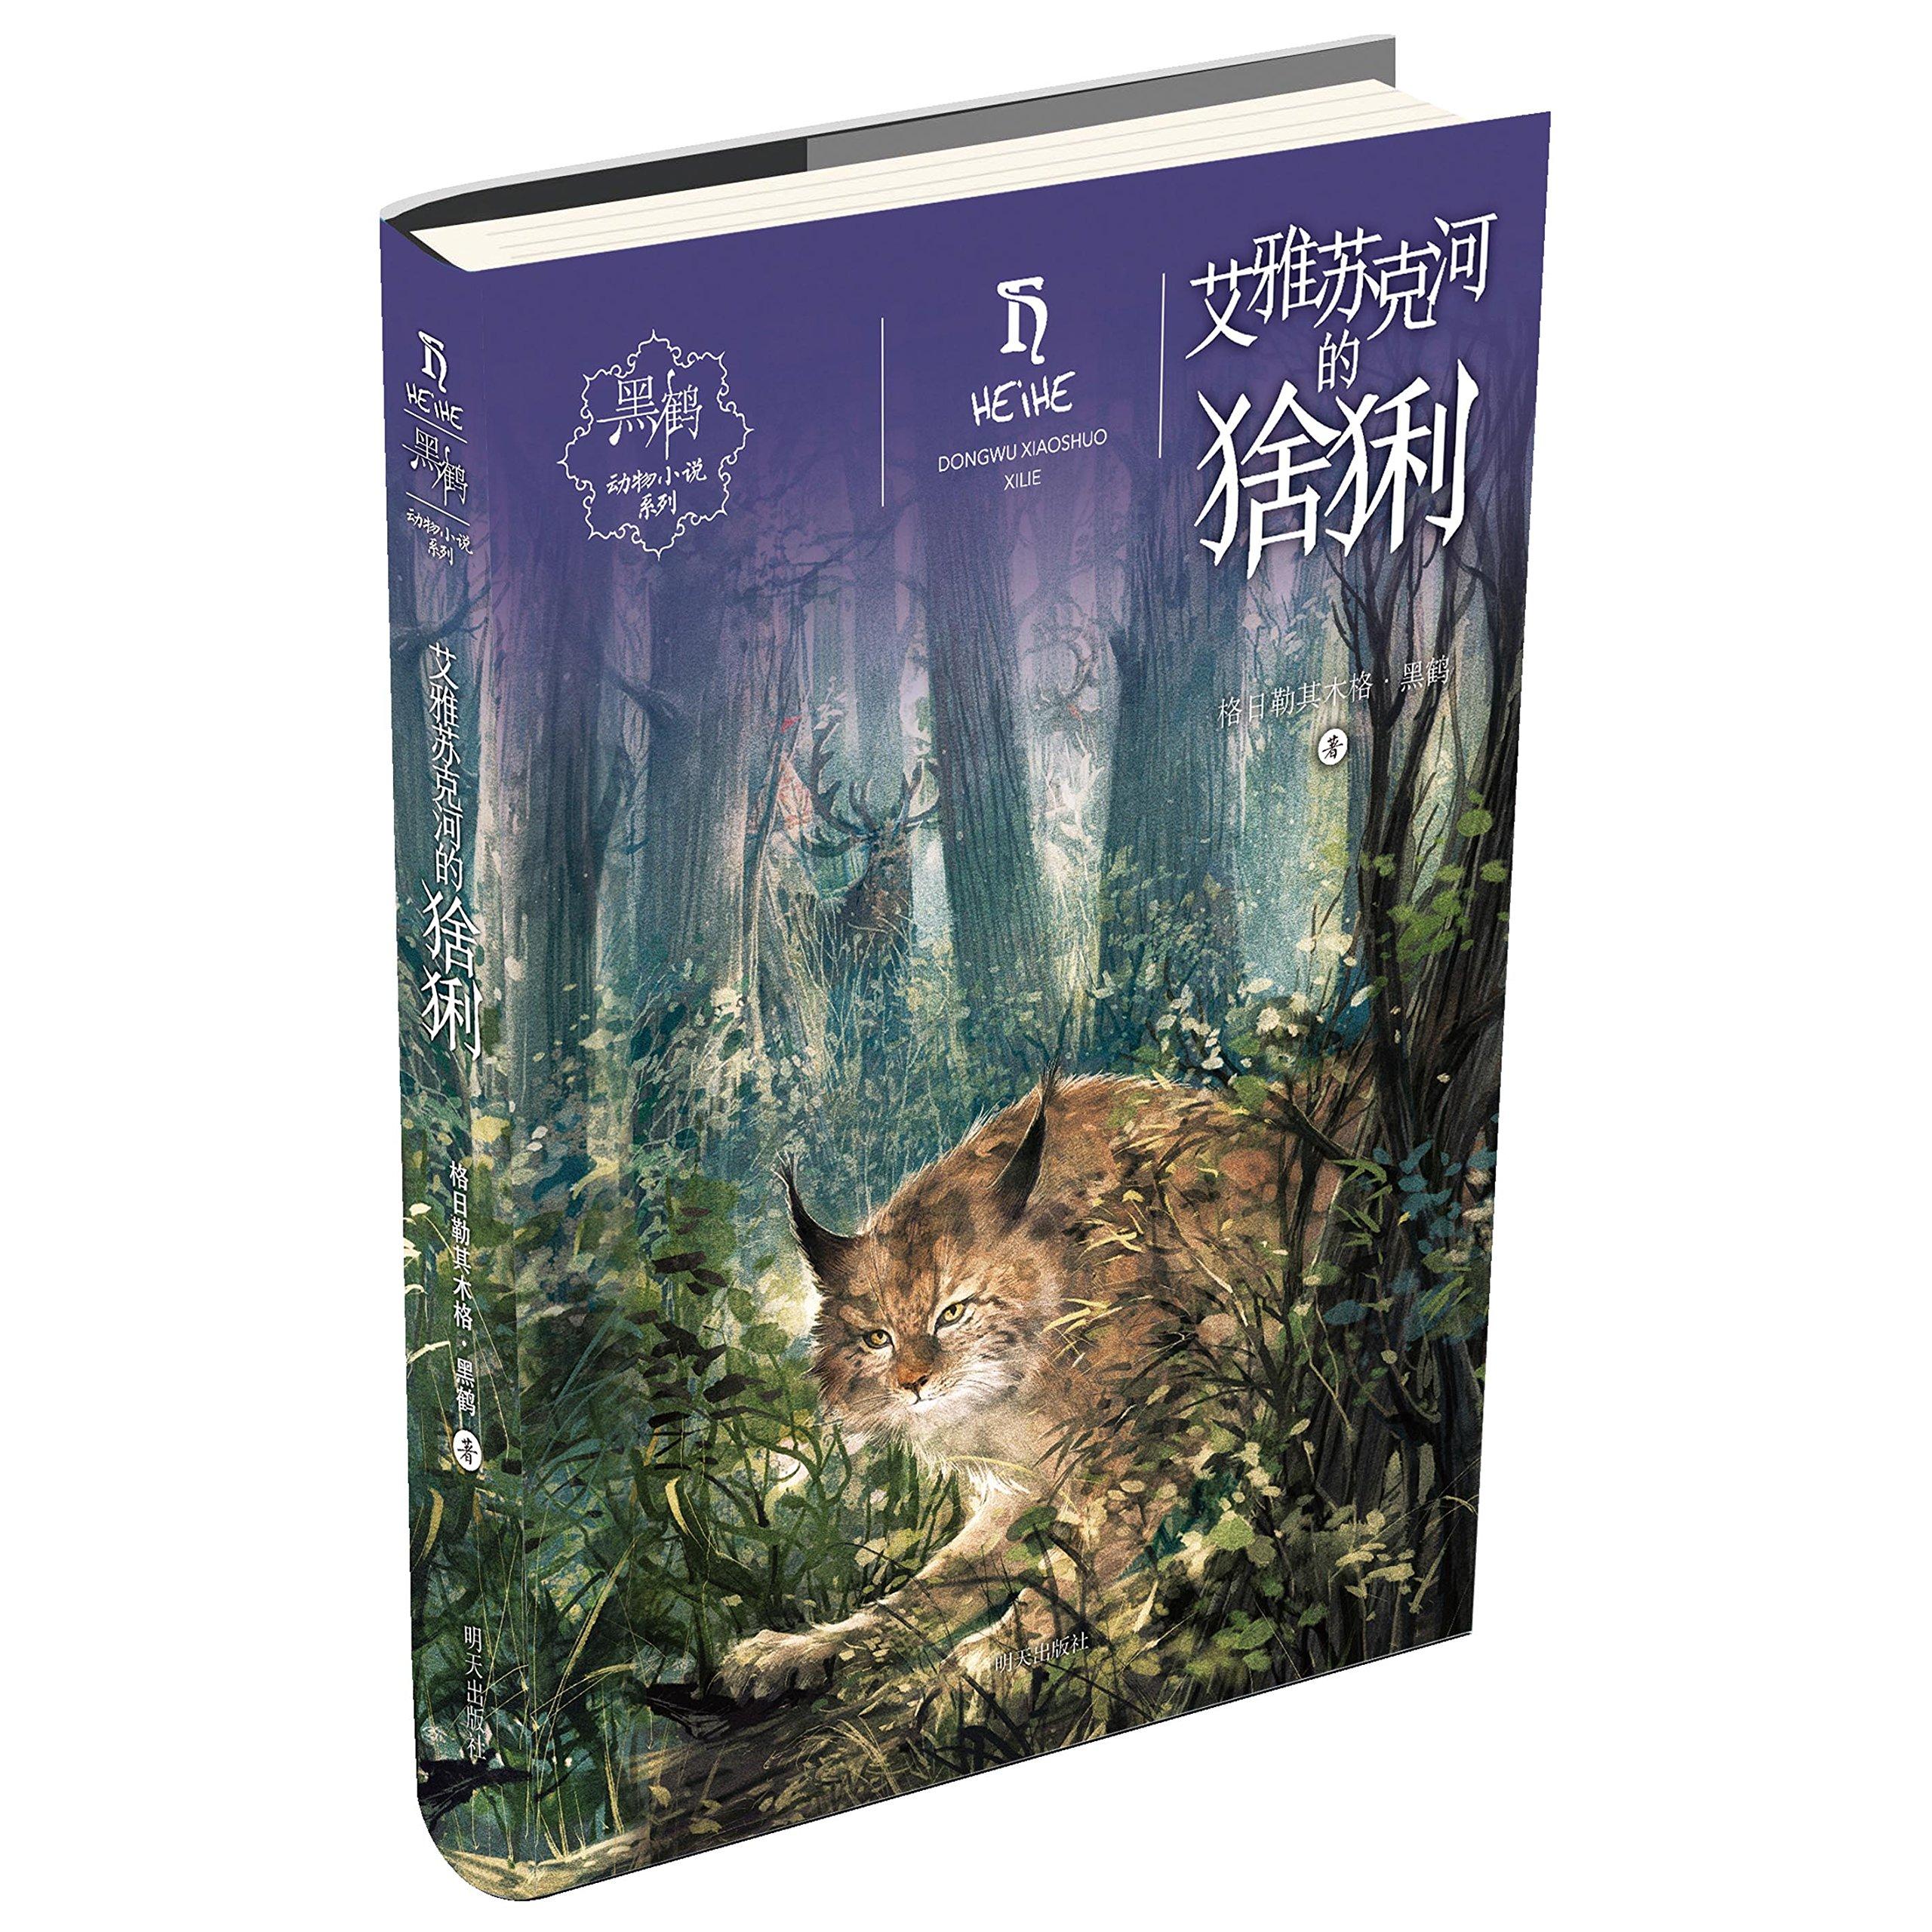 黑鹤动物小说:艾雅苏克河的猞猁